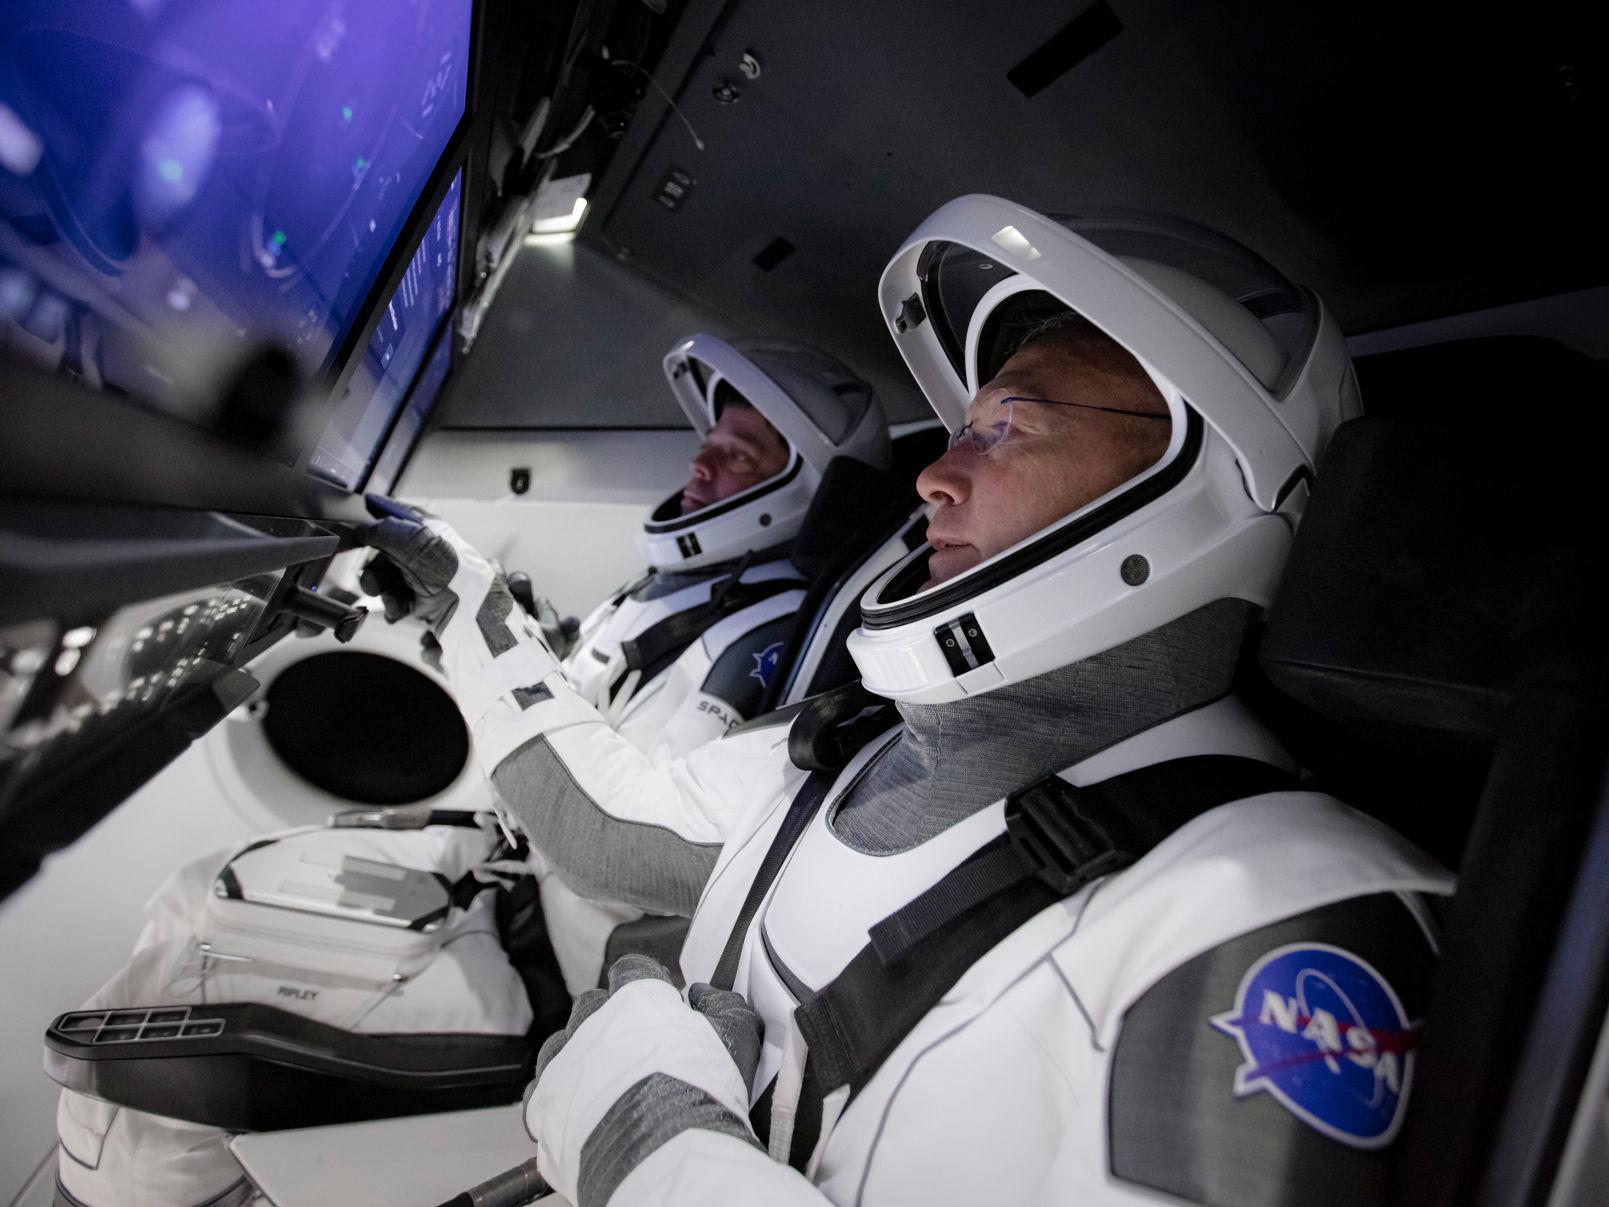 Լեգիան պատկերացրել է, թե ինչով են զբաղվել Nasa-ի տիեզերագնացները՝ թռիչքից րոպեներ առաջ (ֆոտո)